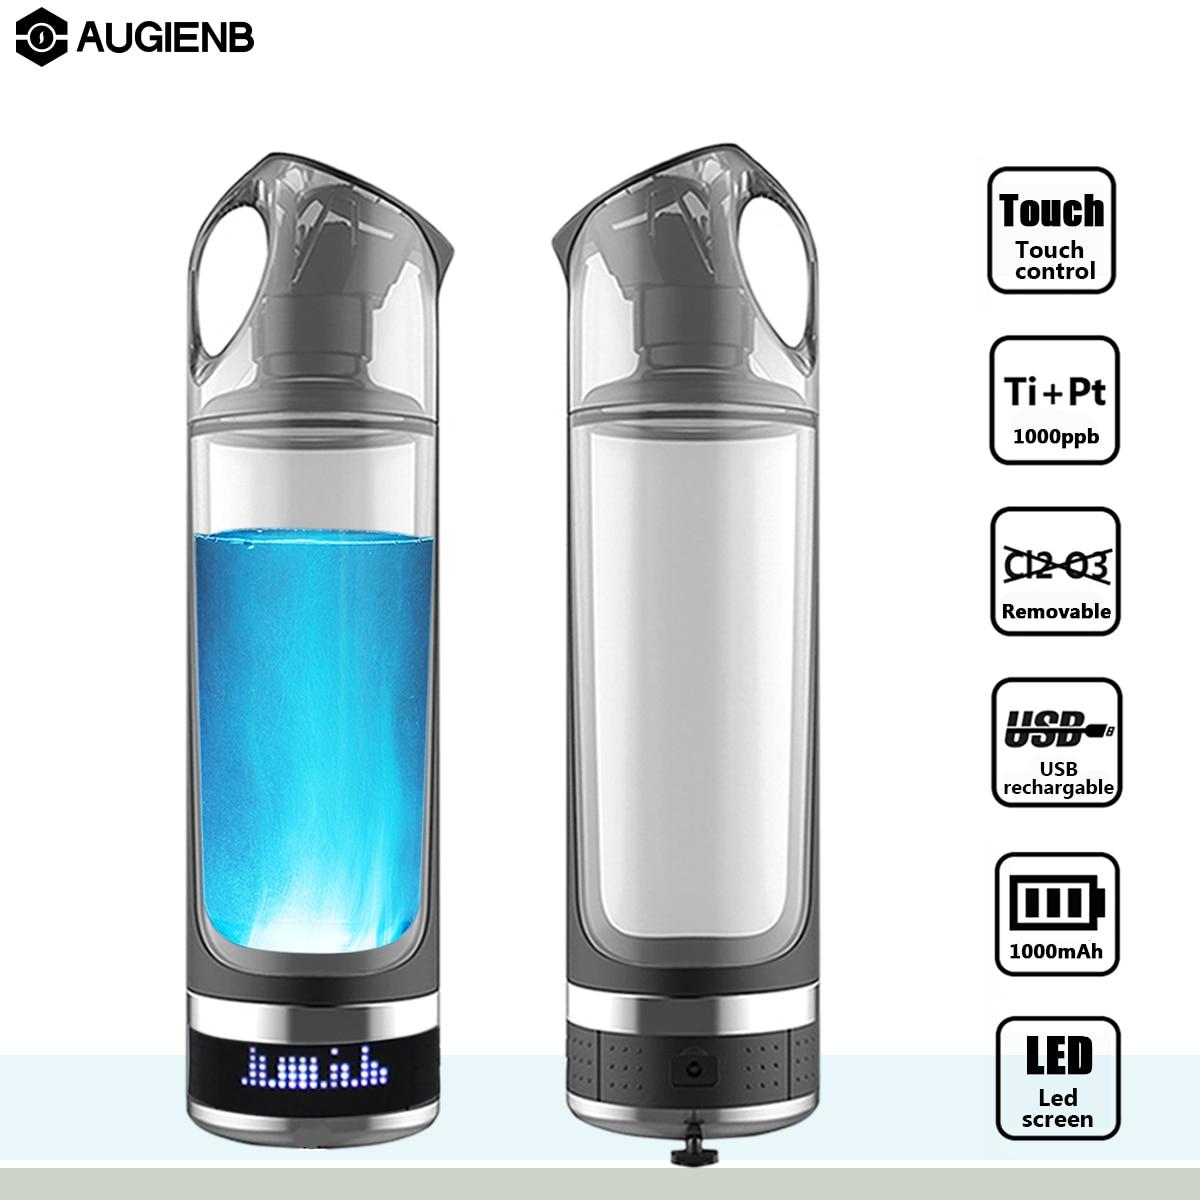 Augienb saudável anti-envelhecimento gerador de garrafa de água rica em hidrogênio 500 ml display led fabricante de água rica em hidrogênio ionizer bpa-livre